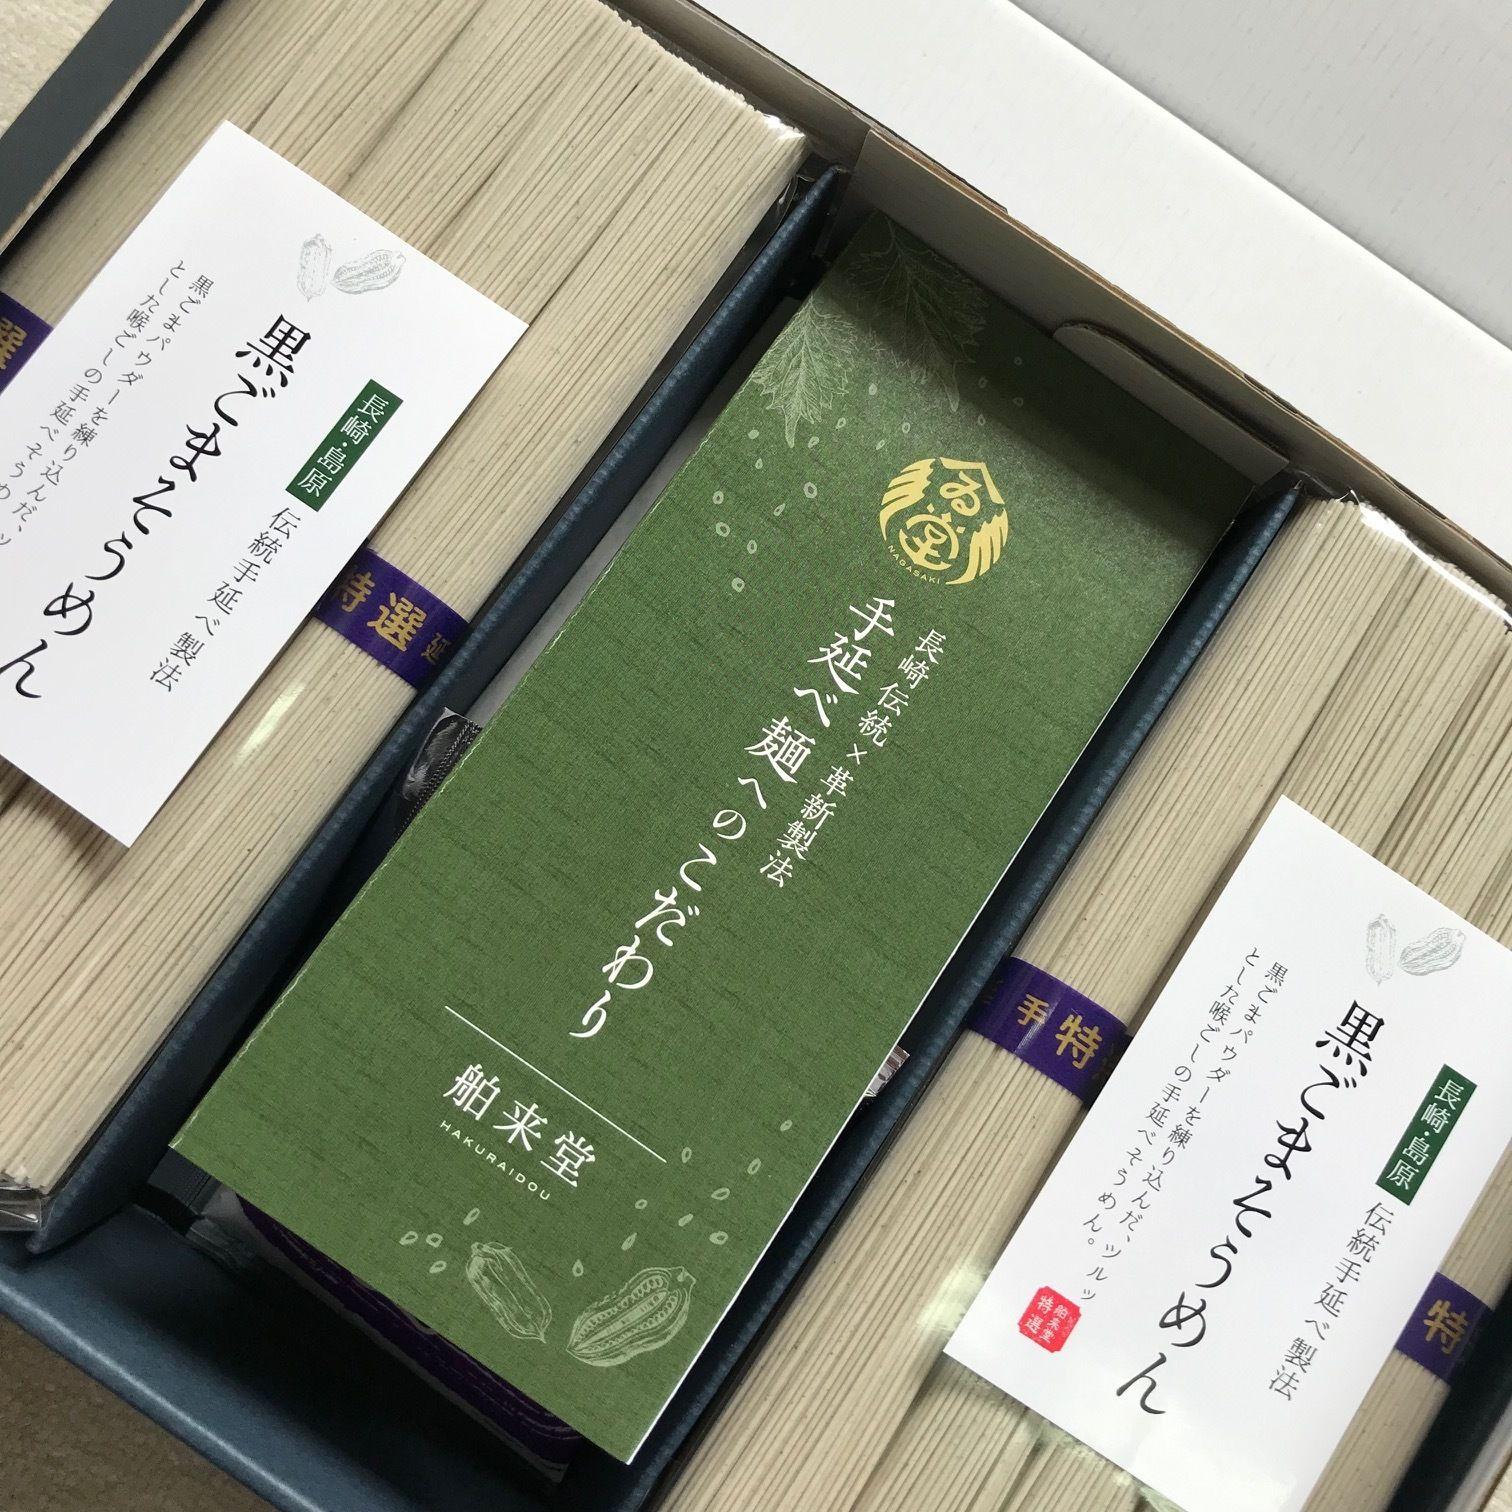 【父の日専用】幻の島原手延べ黒ごまそうめん1kg化粧箱(つゆ付)